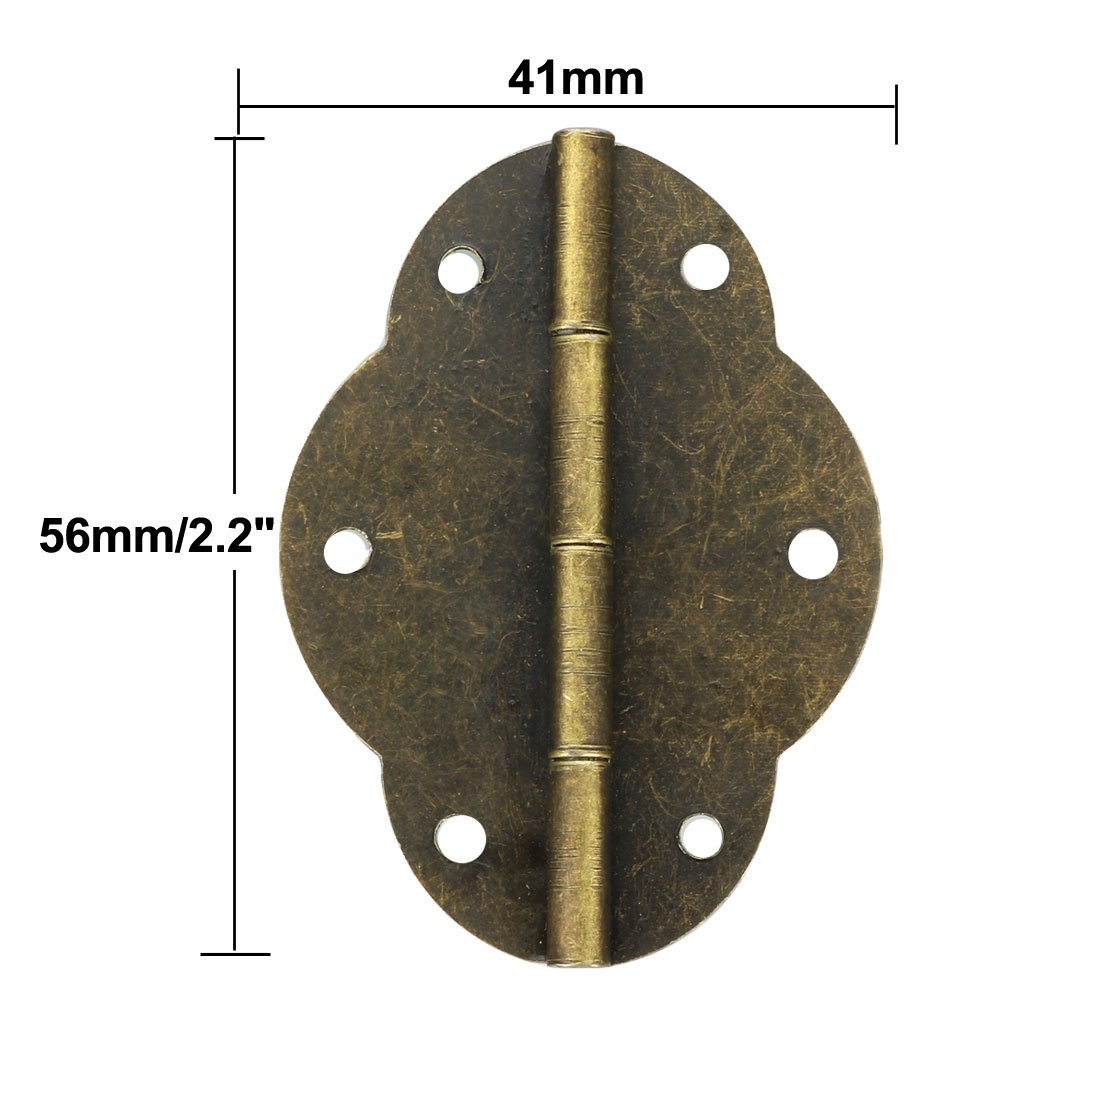 sourcing map 2 couleur bronze antique Rechange Charni/ères Retro avec vis 10pcs